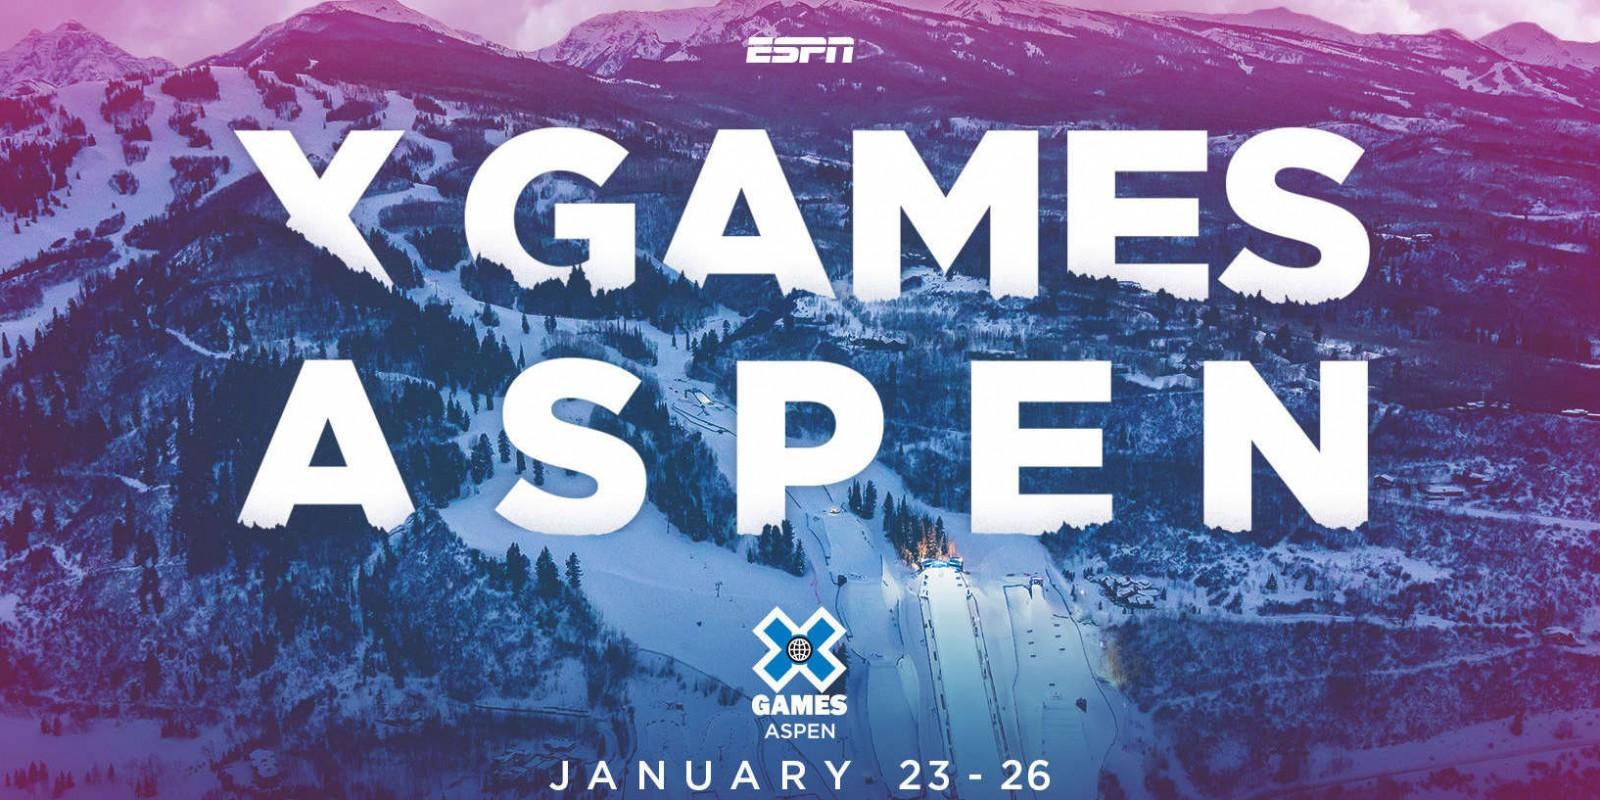 2020, Web, X Games, Aspen